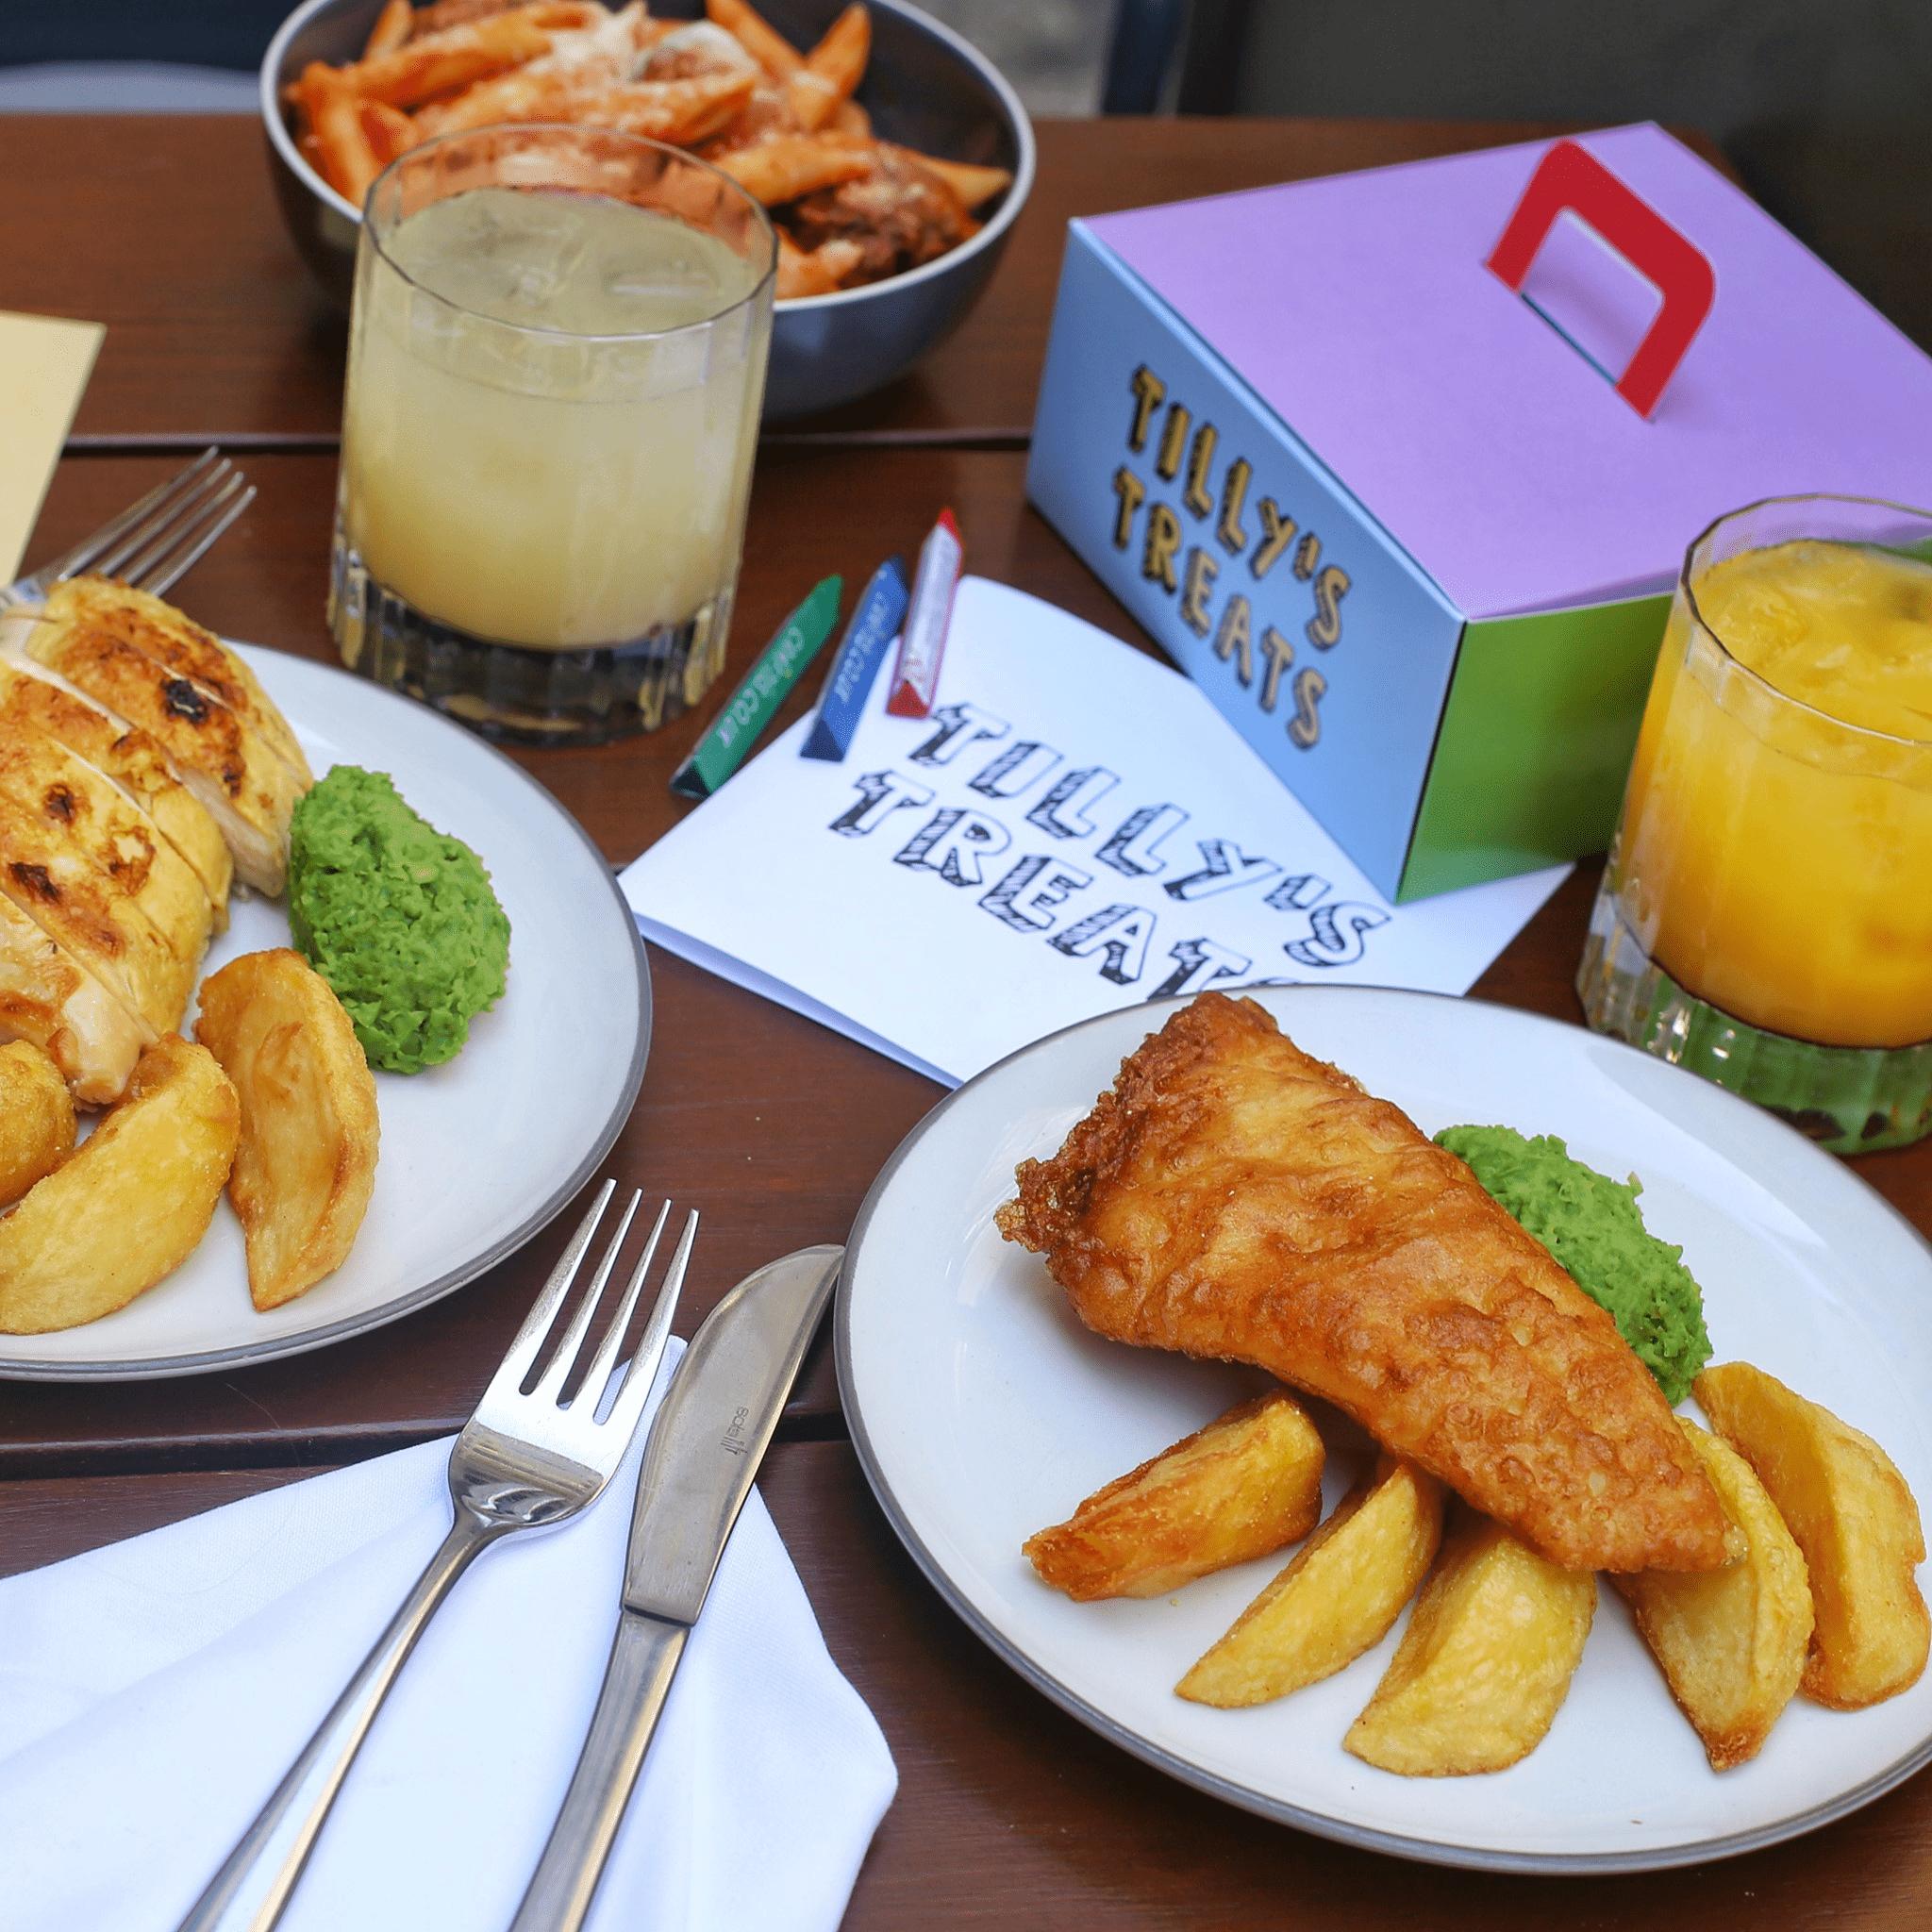 Gordon Ramsay Fish & Chip